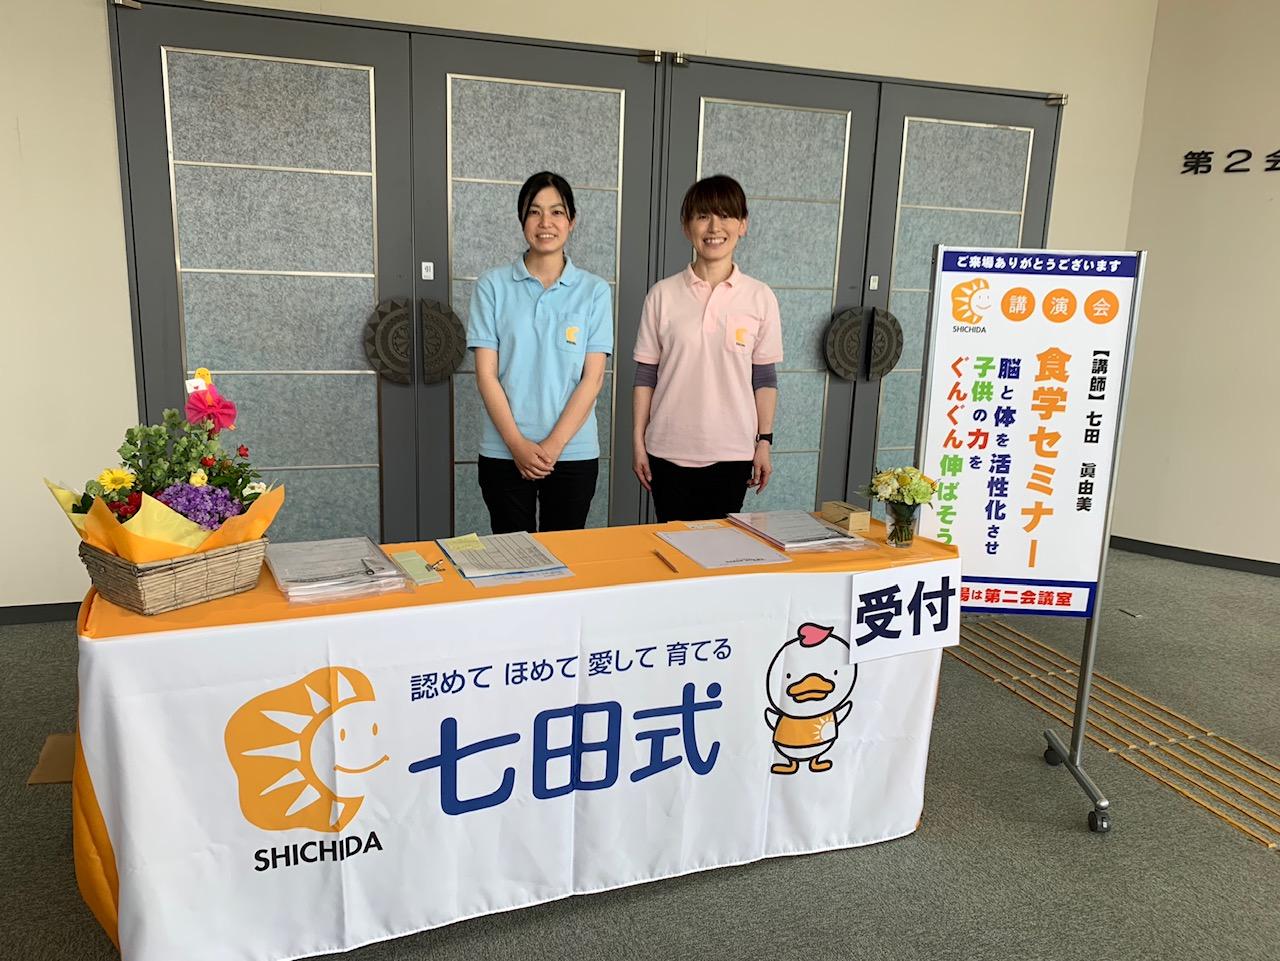 とりぎん文化会館にて七田眞裕美先生食学セミナーを開催!